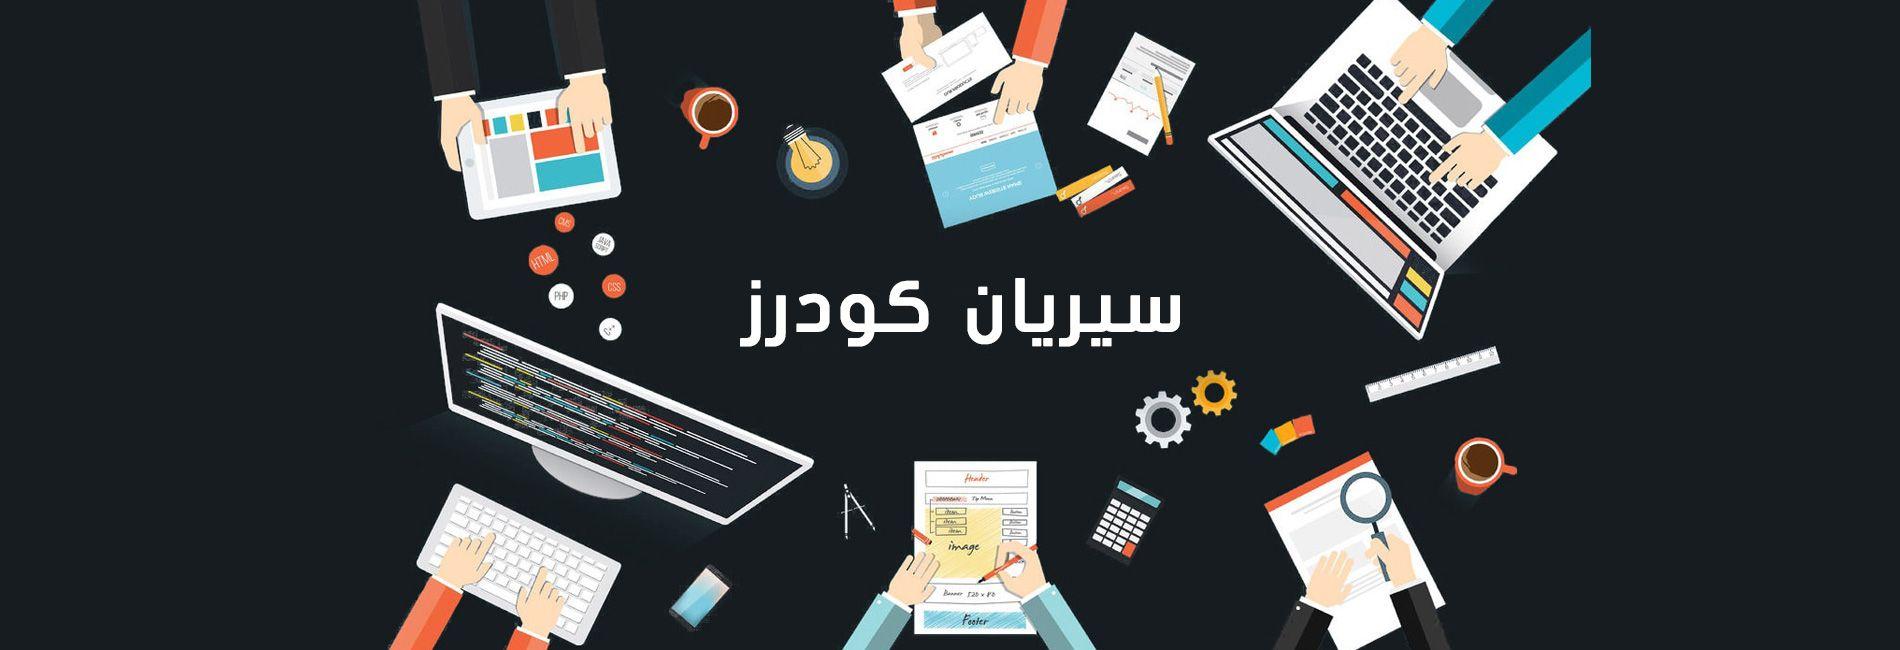 تصميم مواقع انترنت